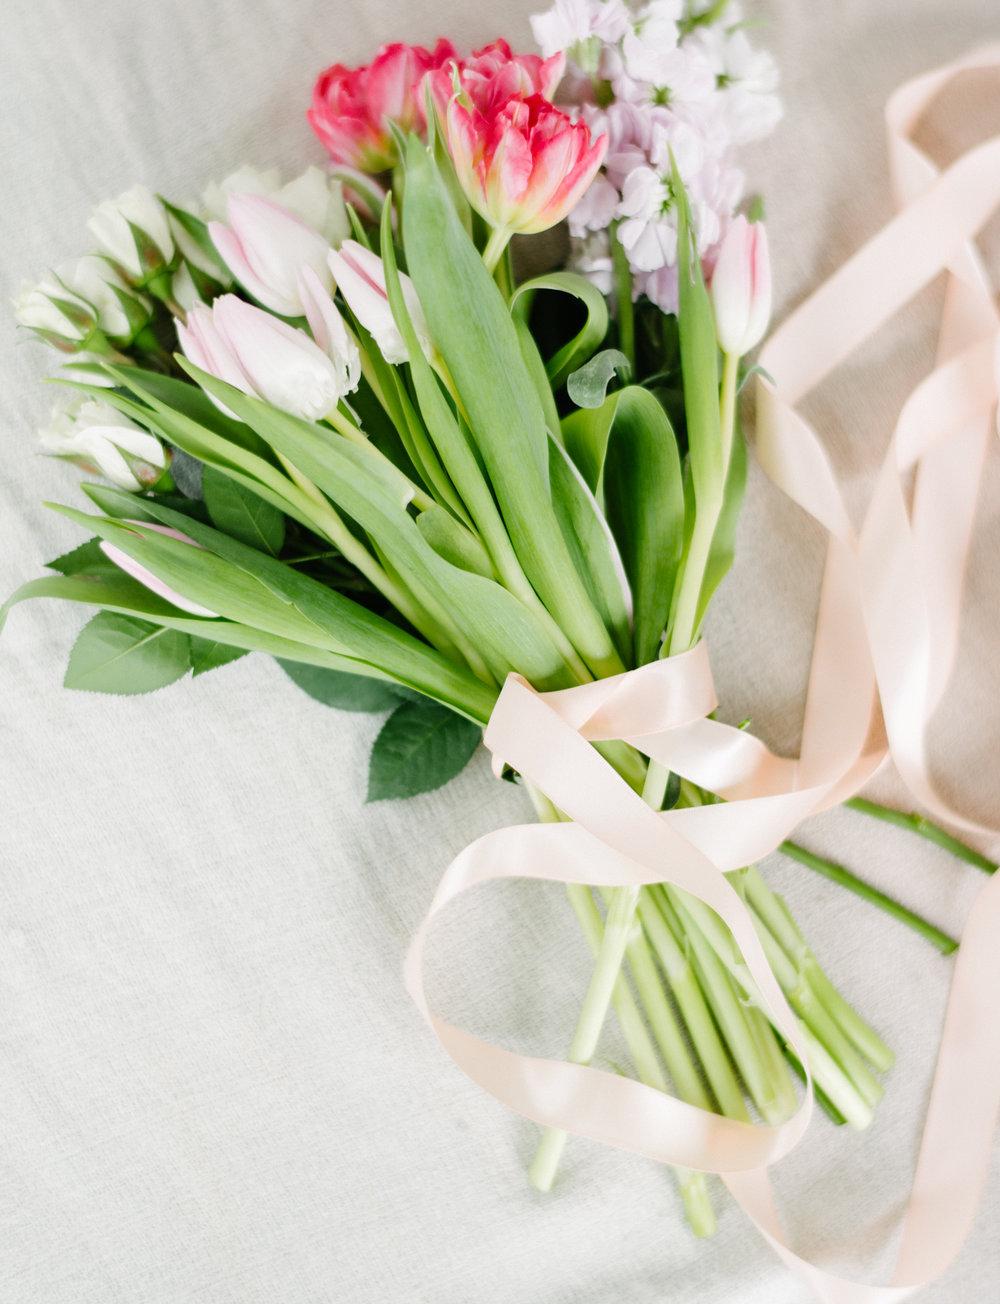 Flower Artistry